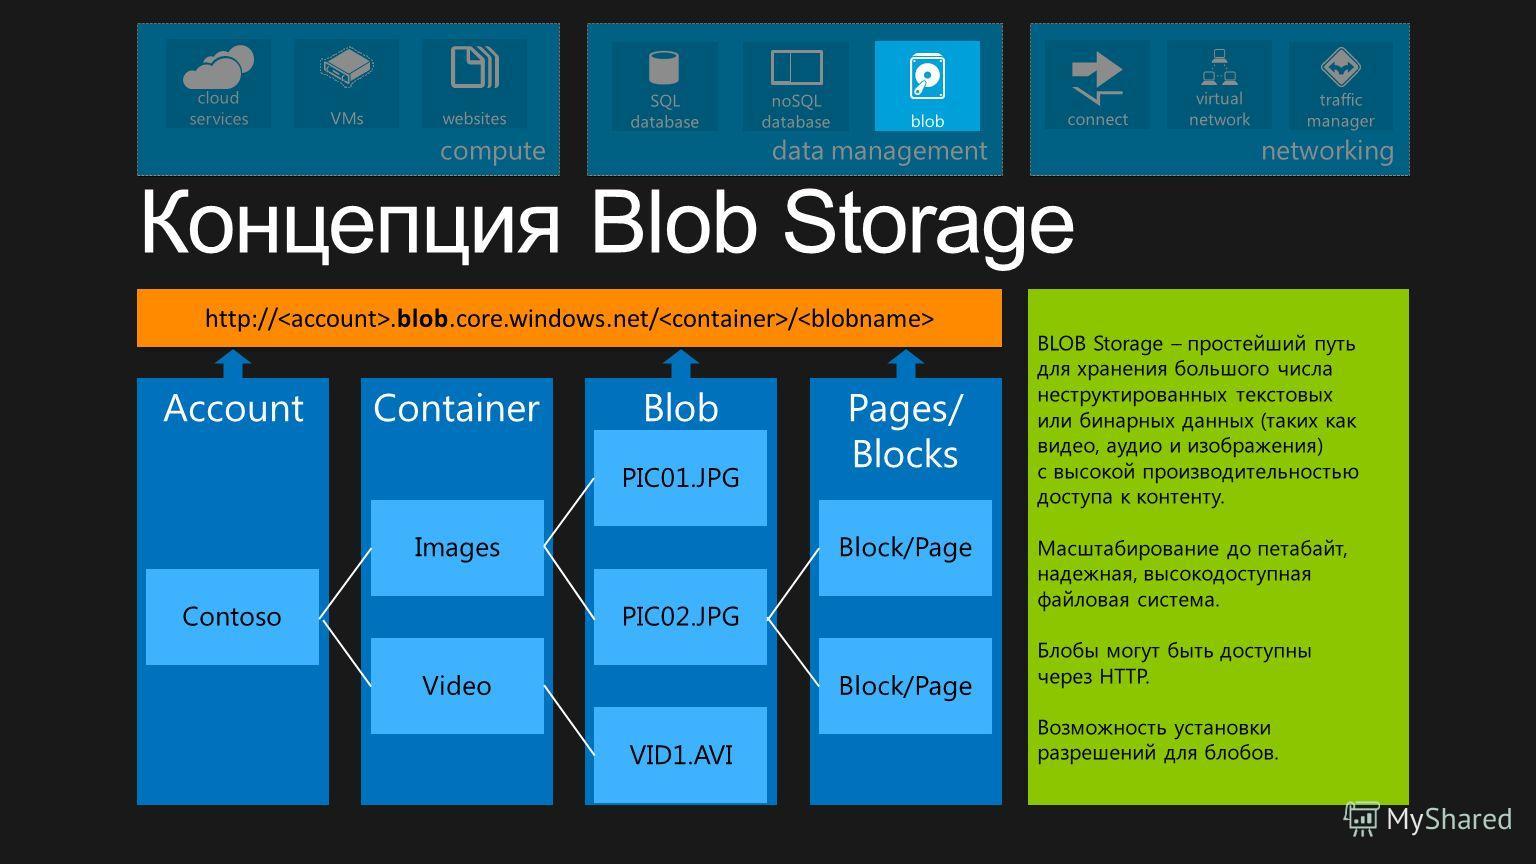 BlobContainerAccount Contoso Images PIC01.JPG Video VID1.AVI http://.blob.core.windows.net/ / Pages/ Blocks Block/Page PIC02.JPG BLOB Storage – простейший путь для хранения большого числа неструктированных текстовых или бинарных данных (таких как вид